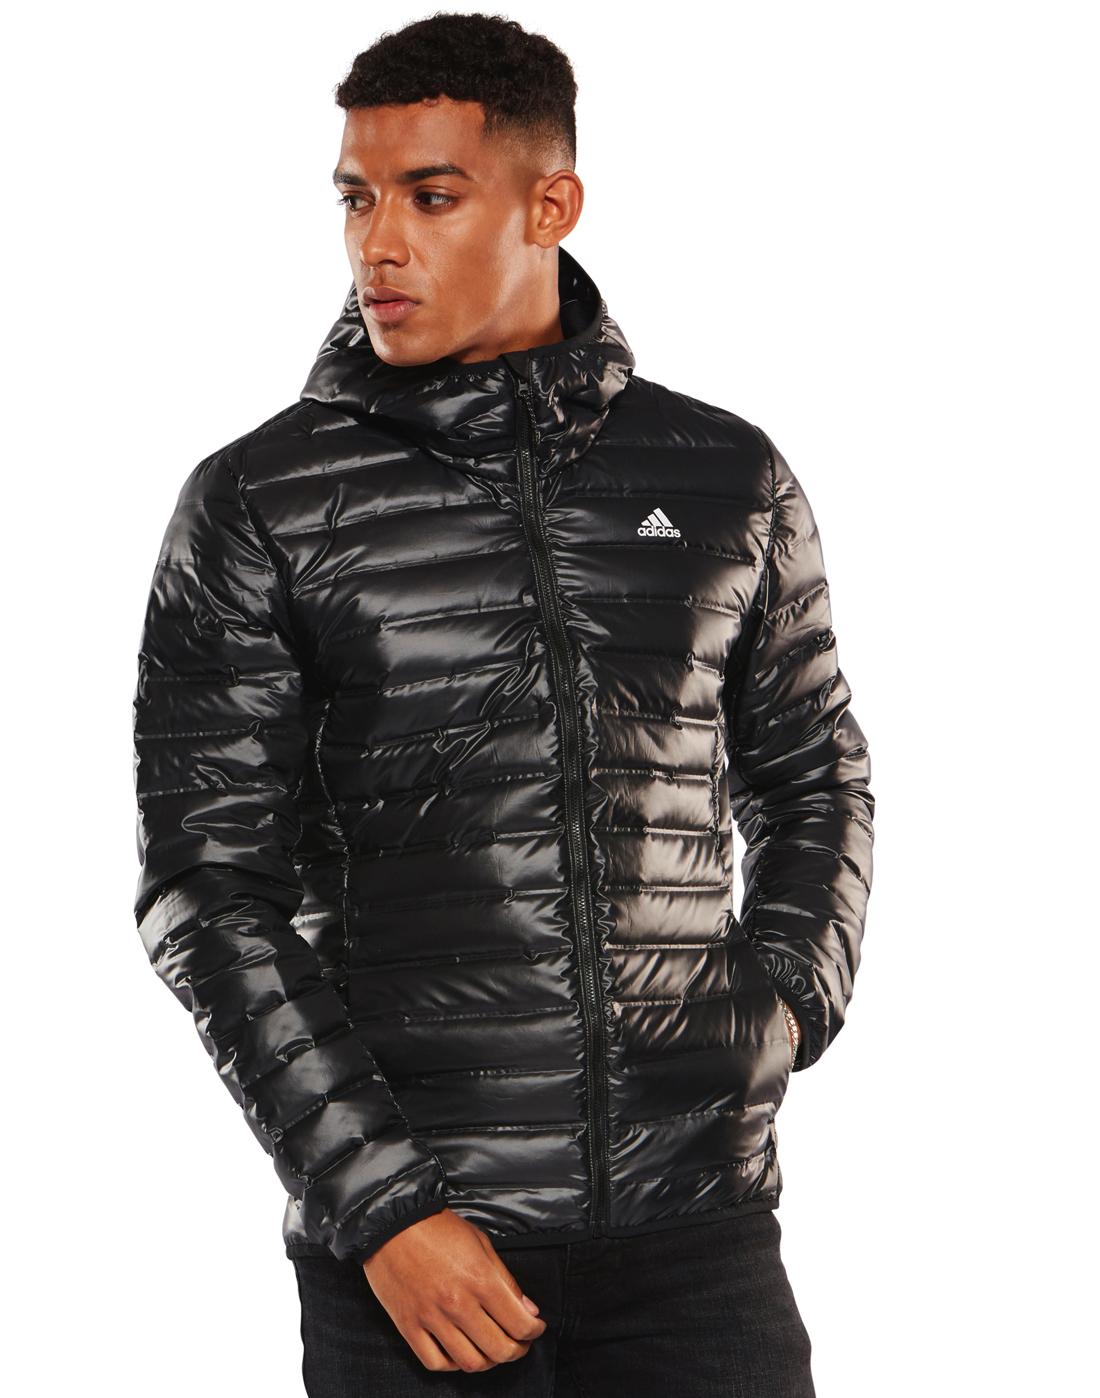 badcff81a587 Men s Black adidas Varilite Jacket